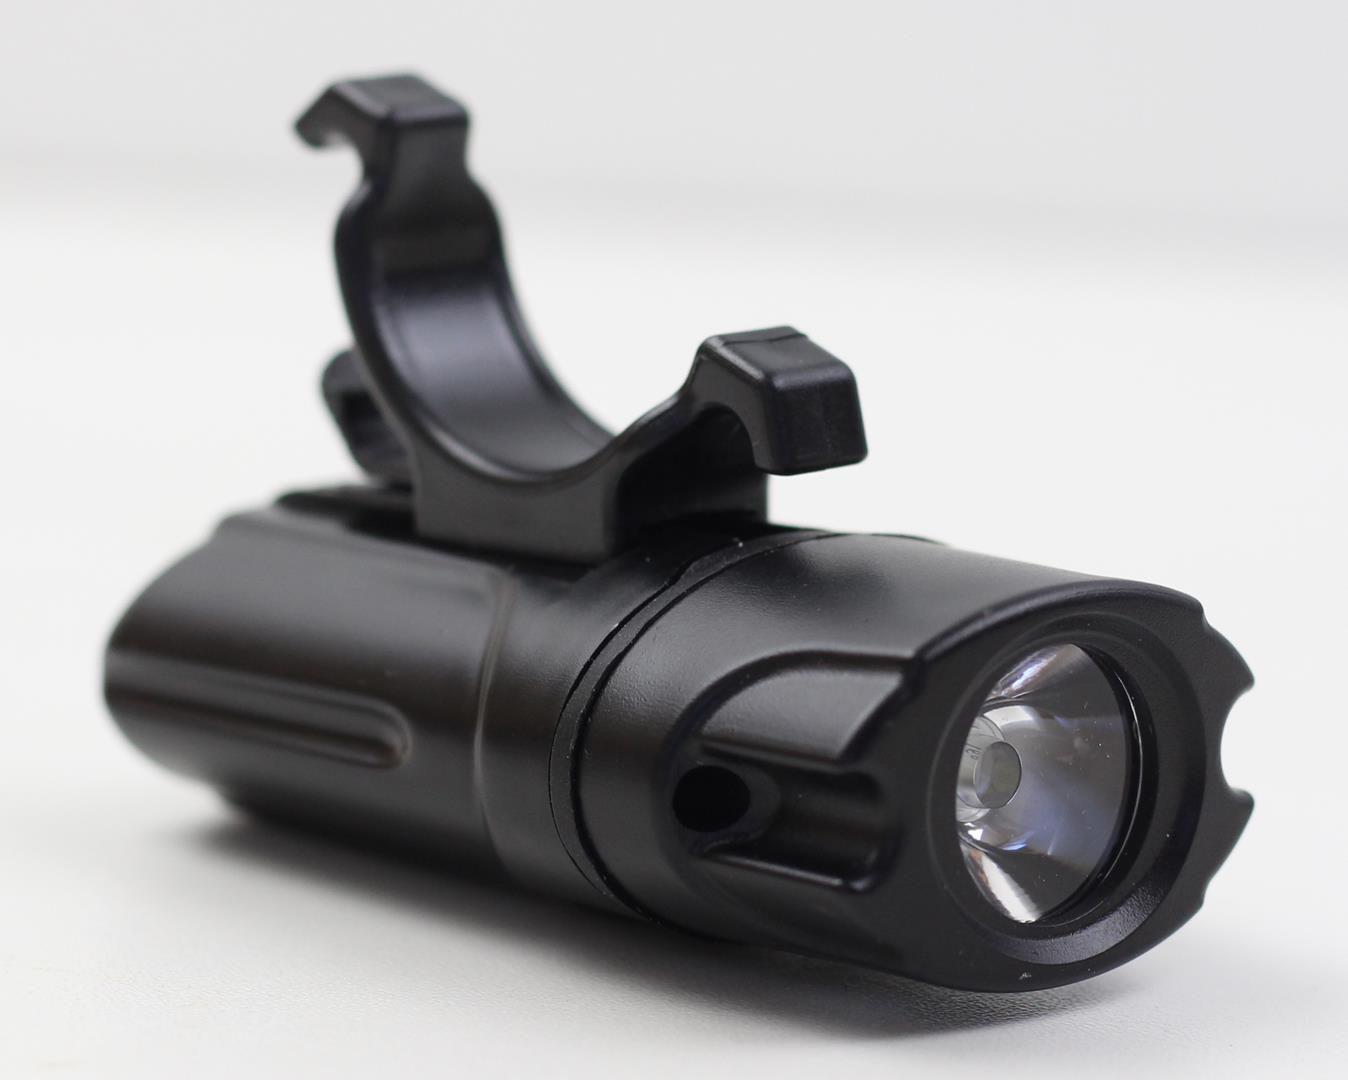 Lanterna Farol Dianteiro para Bicicleta JWS WS-8209 Super Led Preto Recarregavél